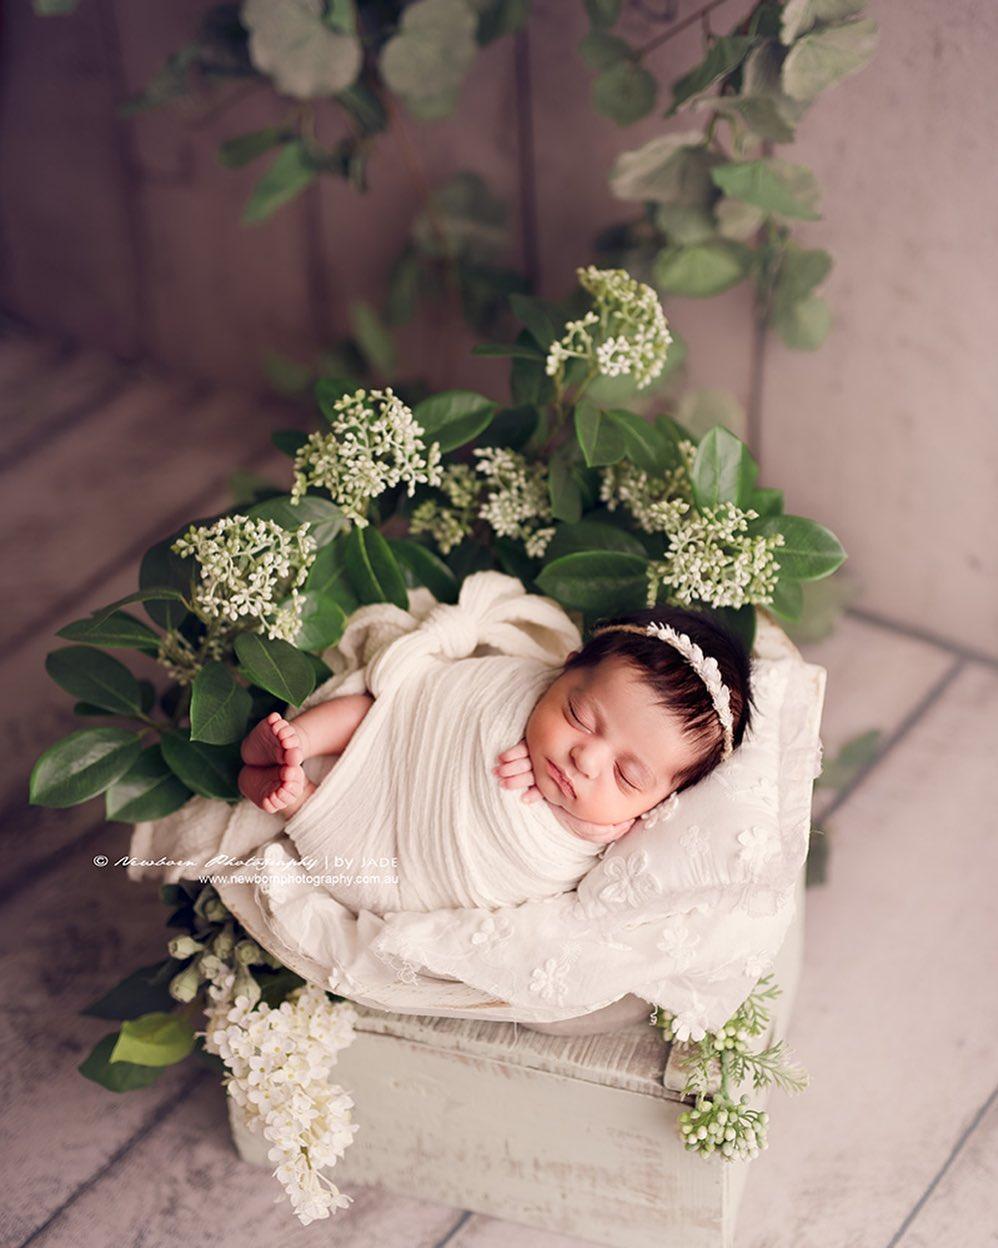 bebés recién nacidos fotografía profesional